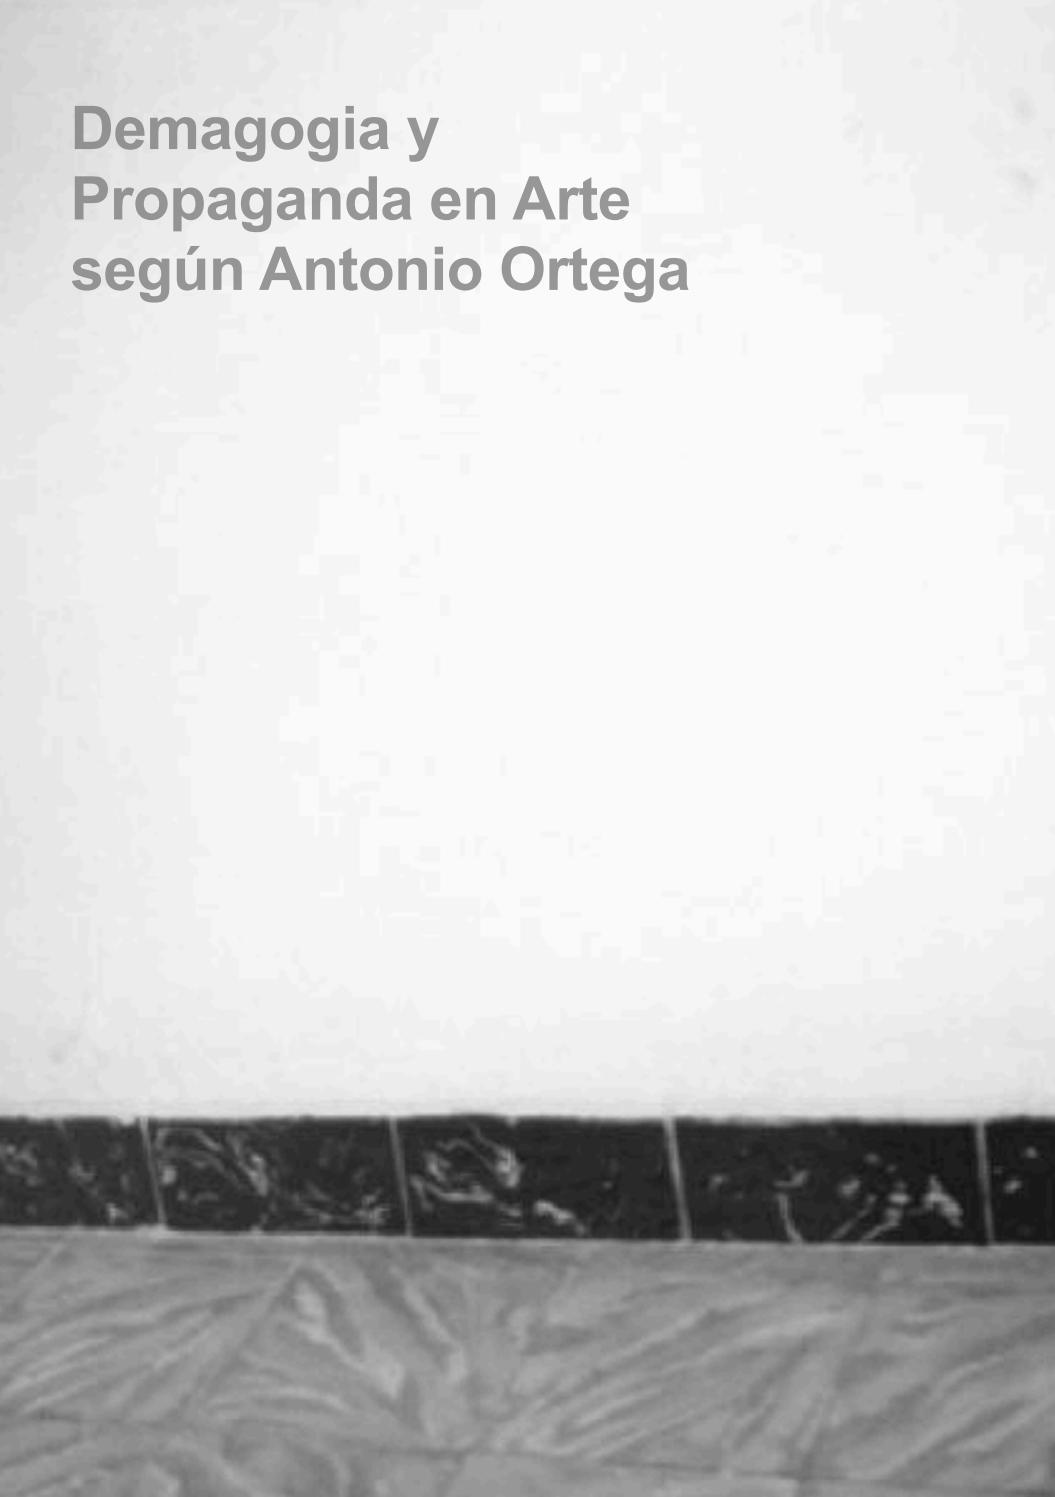 Ortega Arte Según Antonio Y Propaganda En Demagogia By 1FJcTKu3l